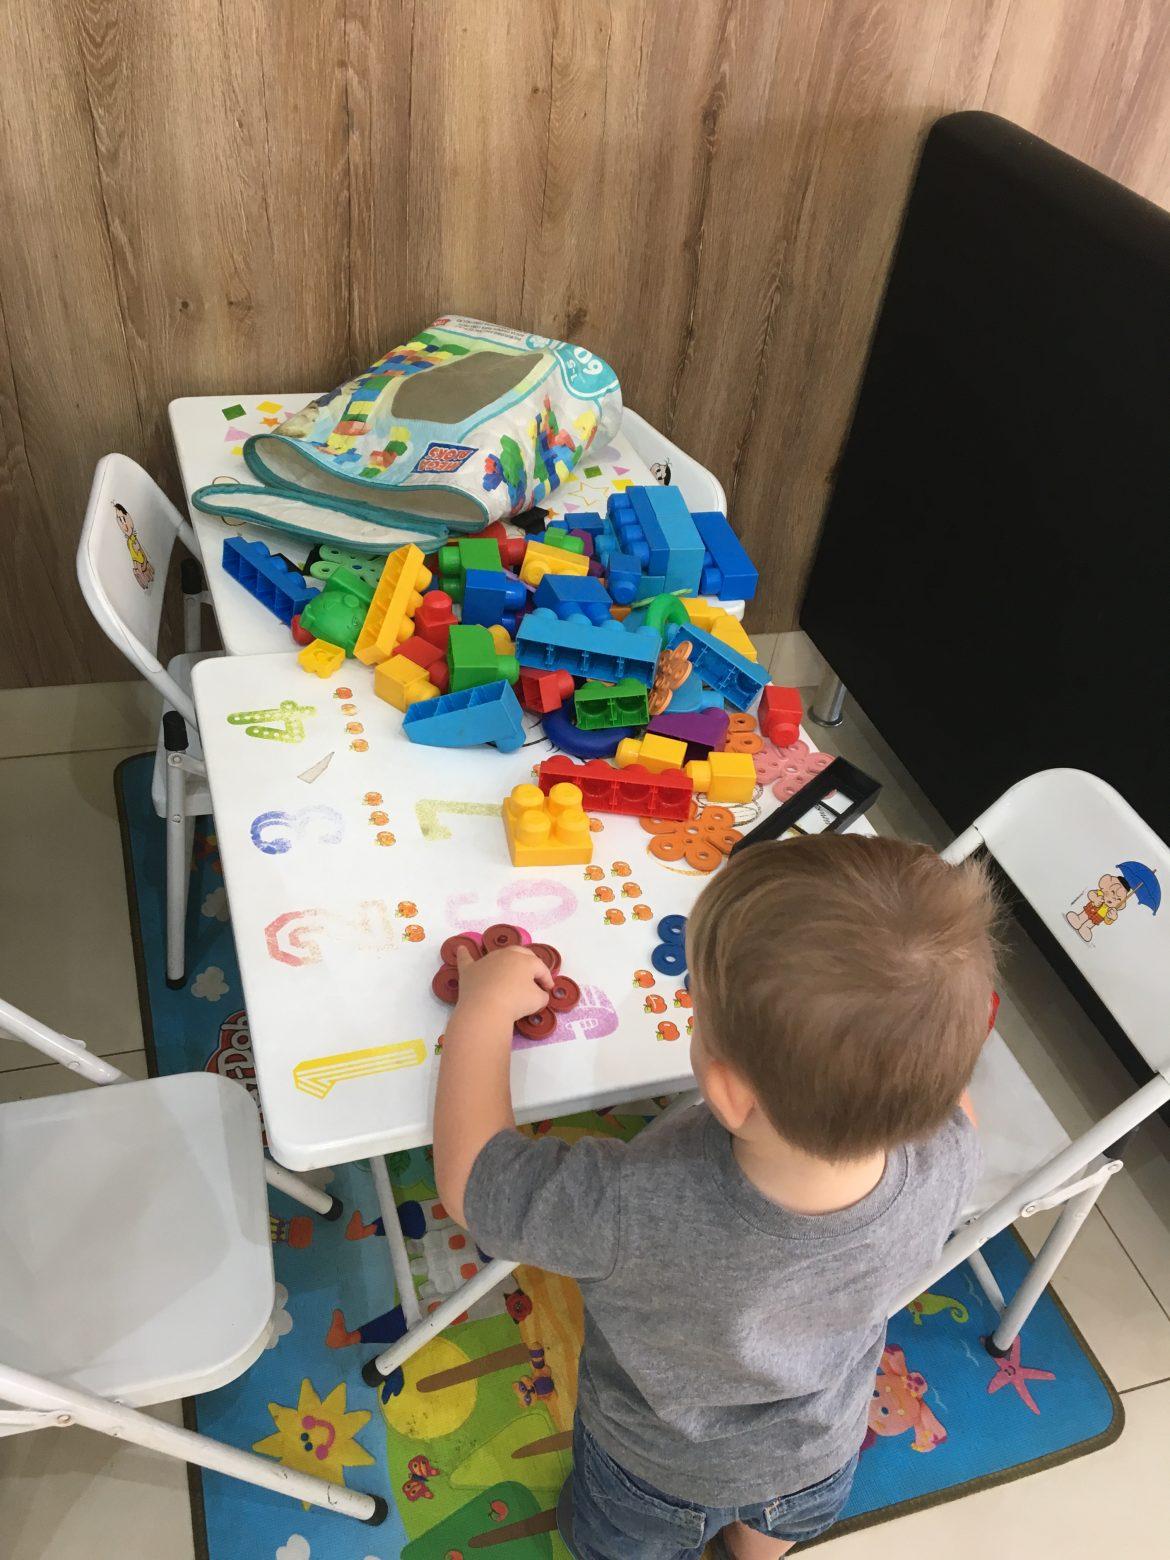 Mesa de brinquedos no Lug's - Olímpia/SP